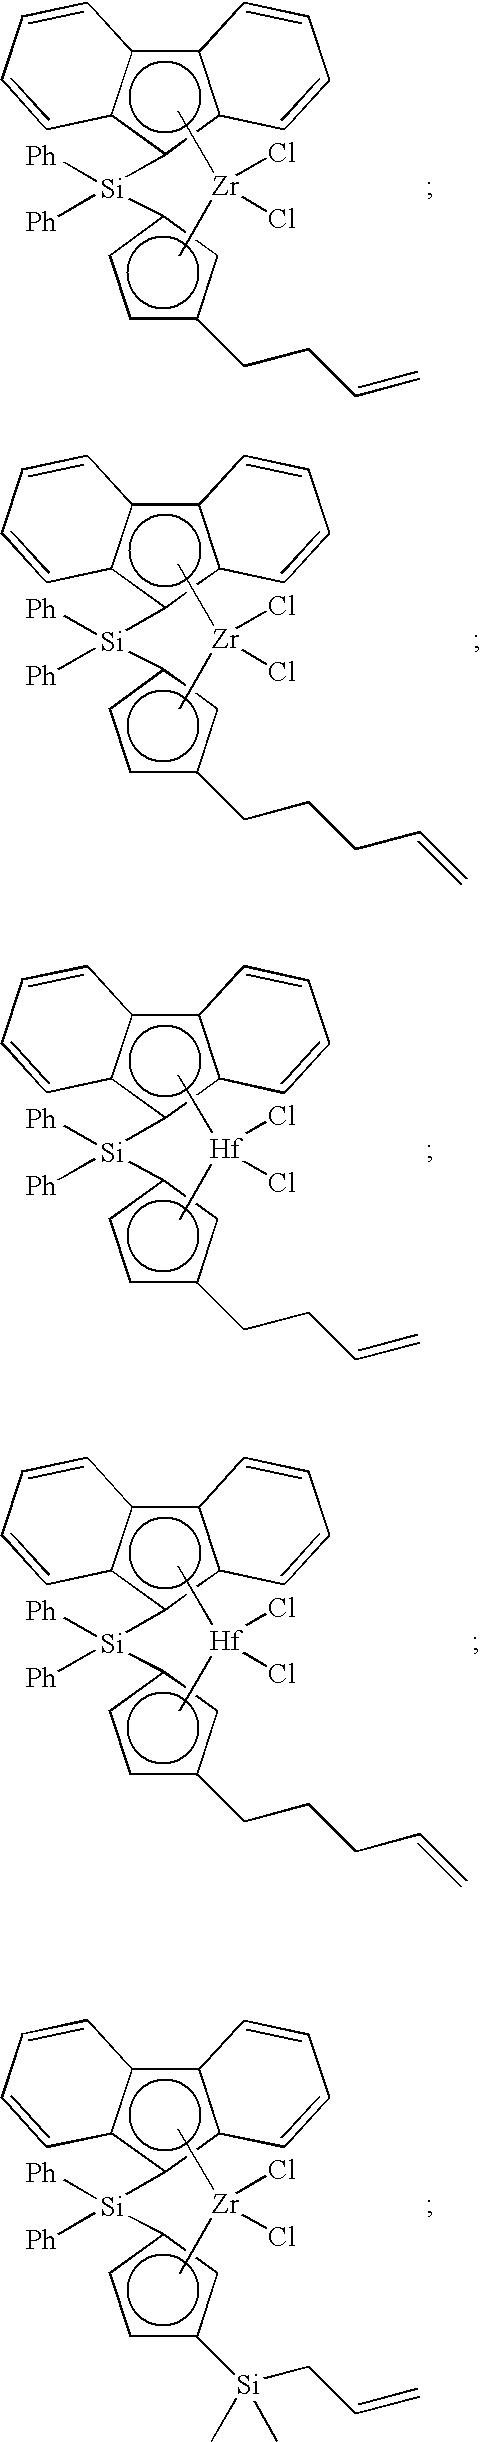 Figure US08329834-20121211-C00016